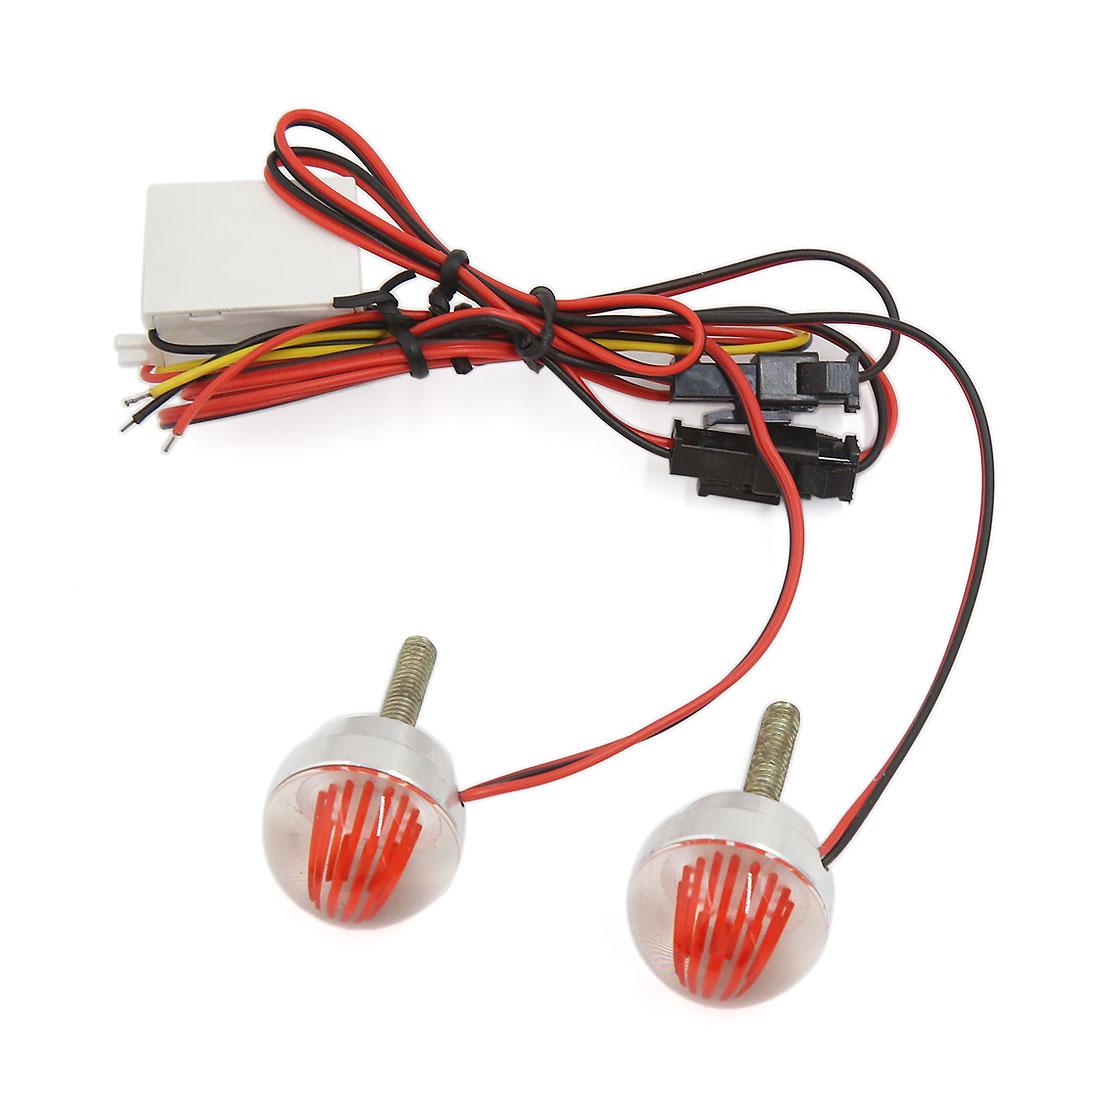 Universal Car Motorcycle Red LED Strobe Lamp Warning Flash Brake Light Pair